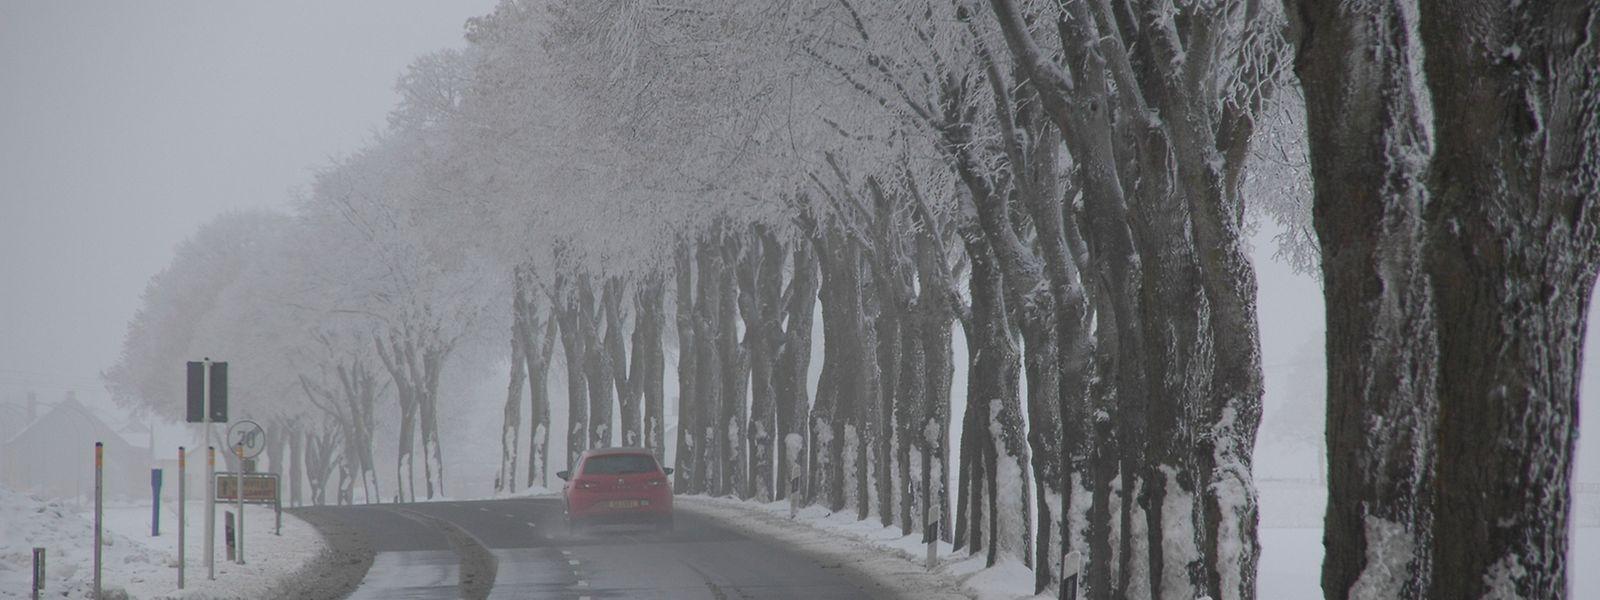 Bilder, die nur der Winter malt: Straße in der Nähe von Wintger